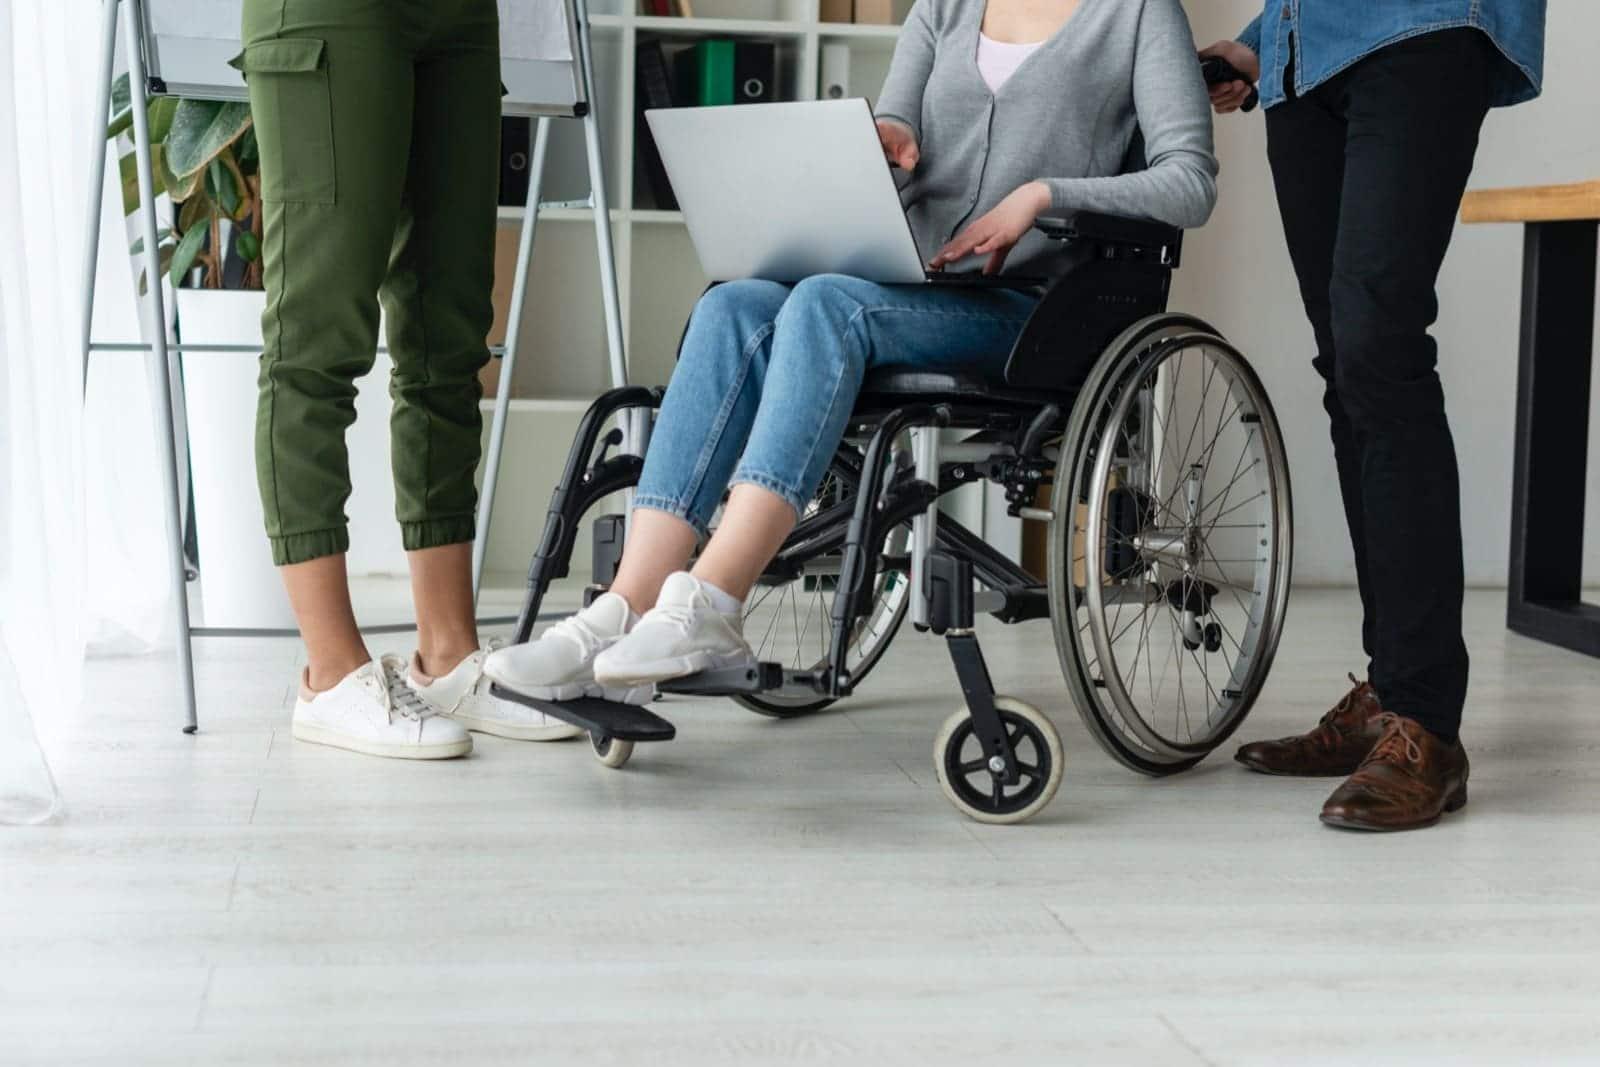 Varias personas trabajando silla de ruedas discapacidad